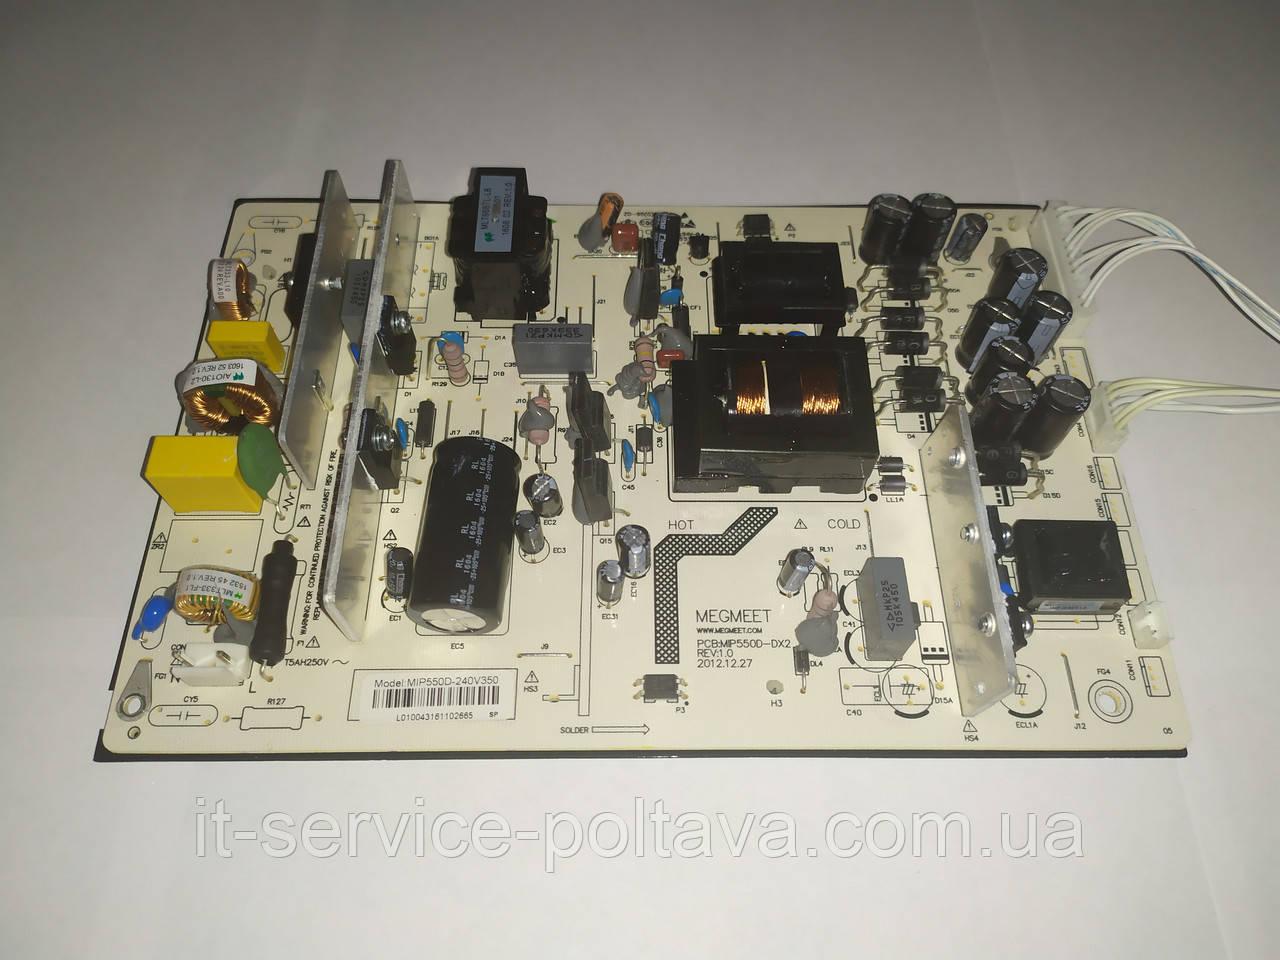 Блок живлення (Power Board) PCB:MIP550D-DX2 для телевізора Sharp